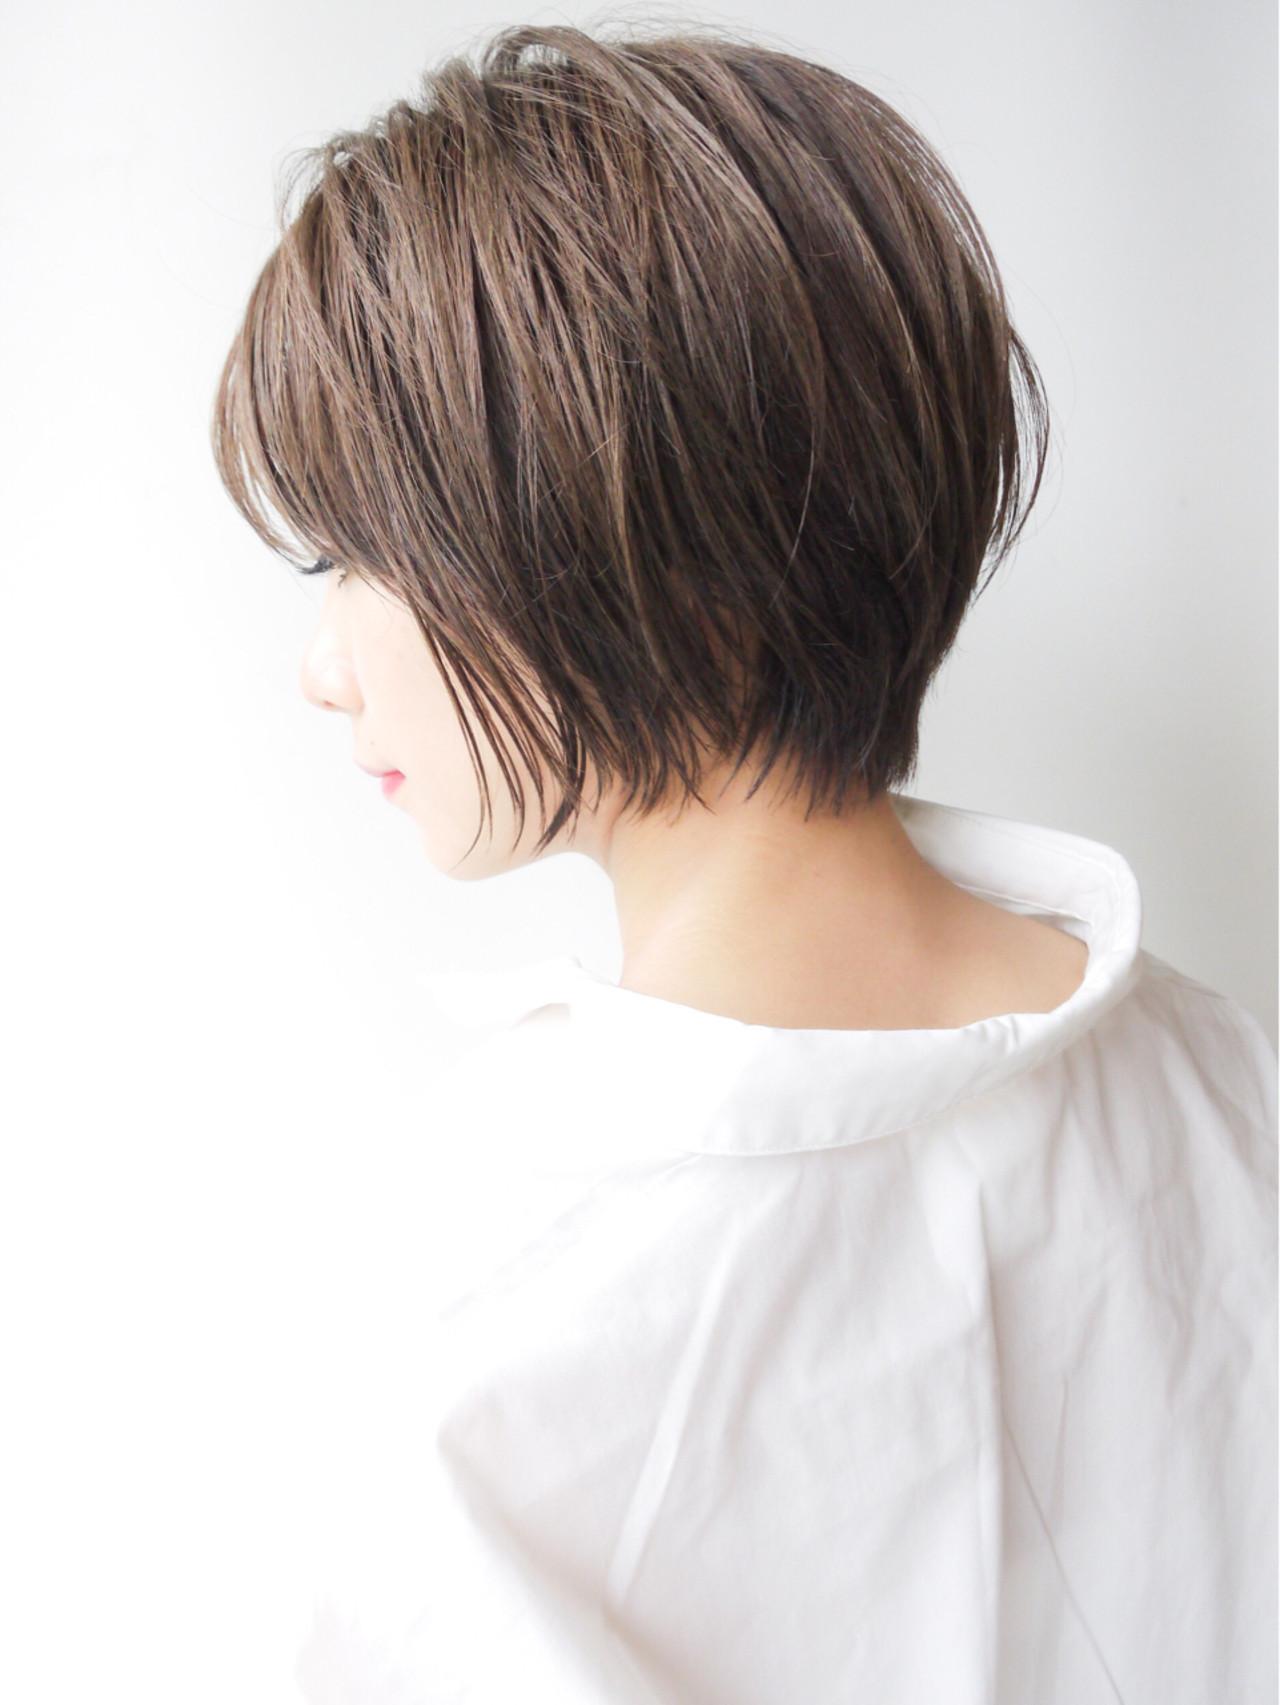 ショート ゆるふわ コンサバ 大人かわいい ヘアスタイルや髪型の写真・画像 | HIROKI / roijir / roijir